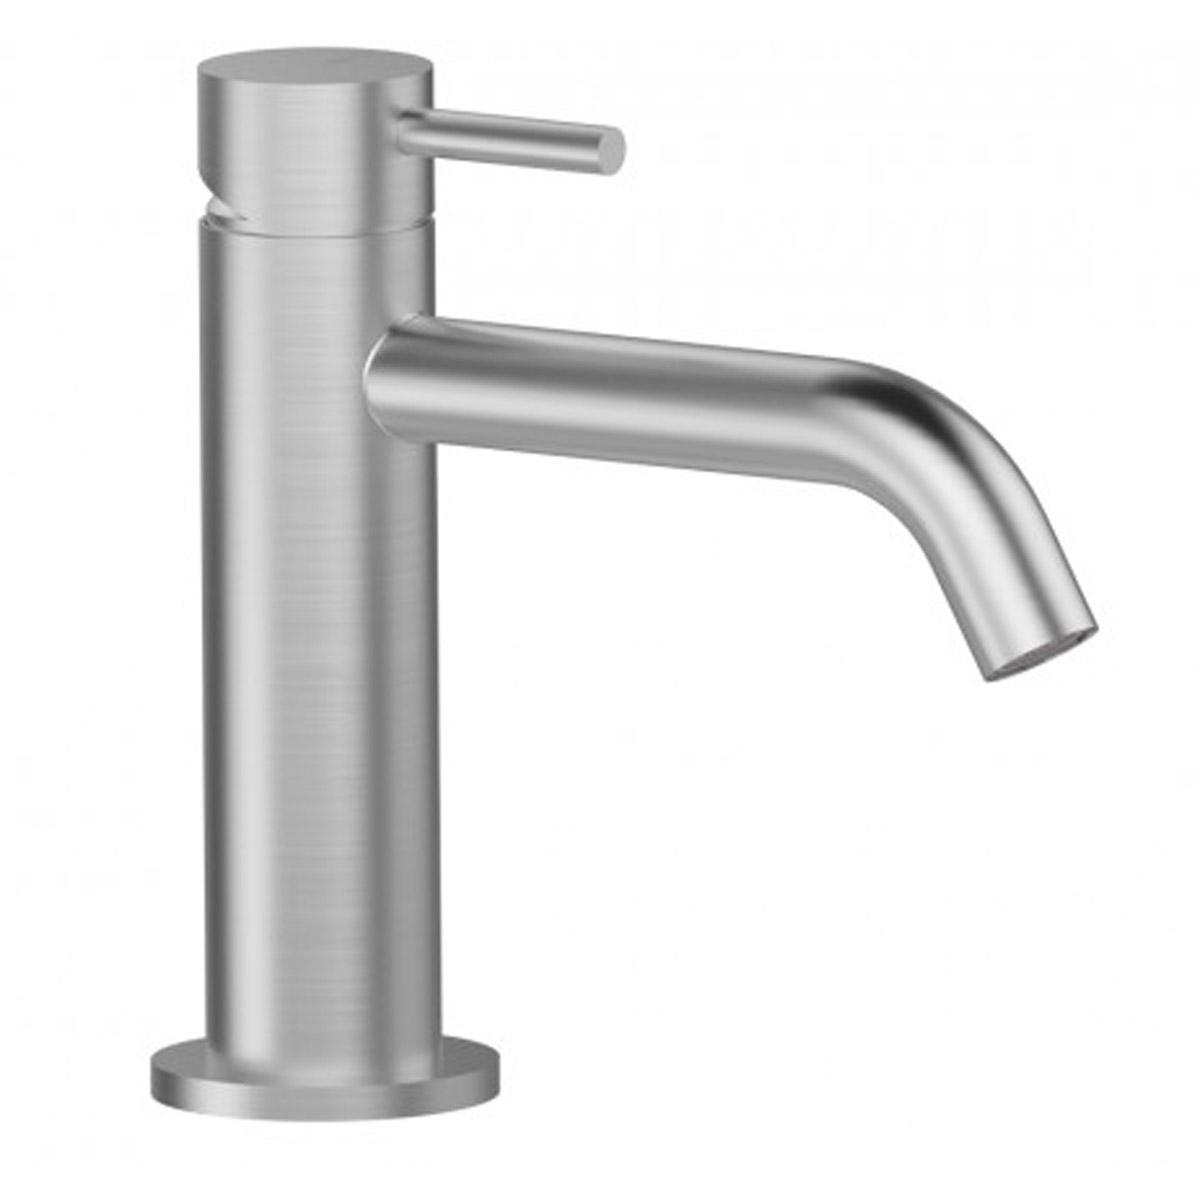 Miscelatore monocomando lavabo senza scarico - Miscelatore lavabo bagno ...